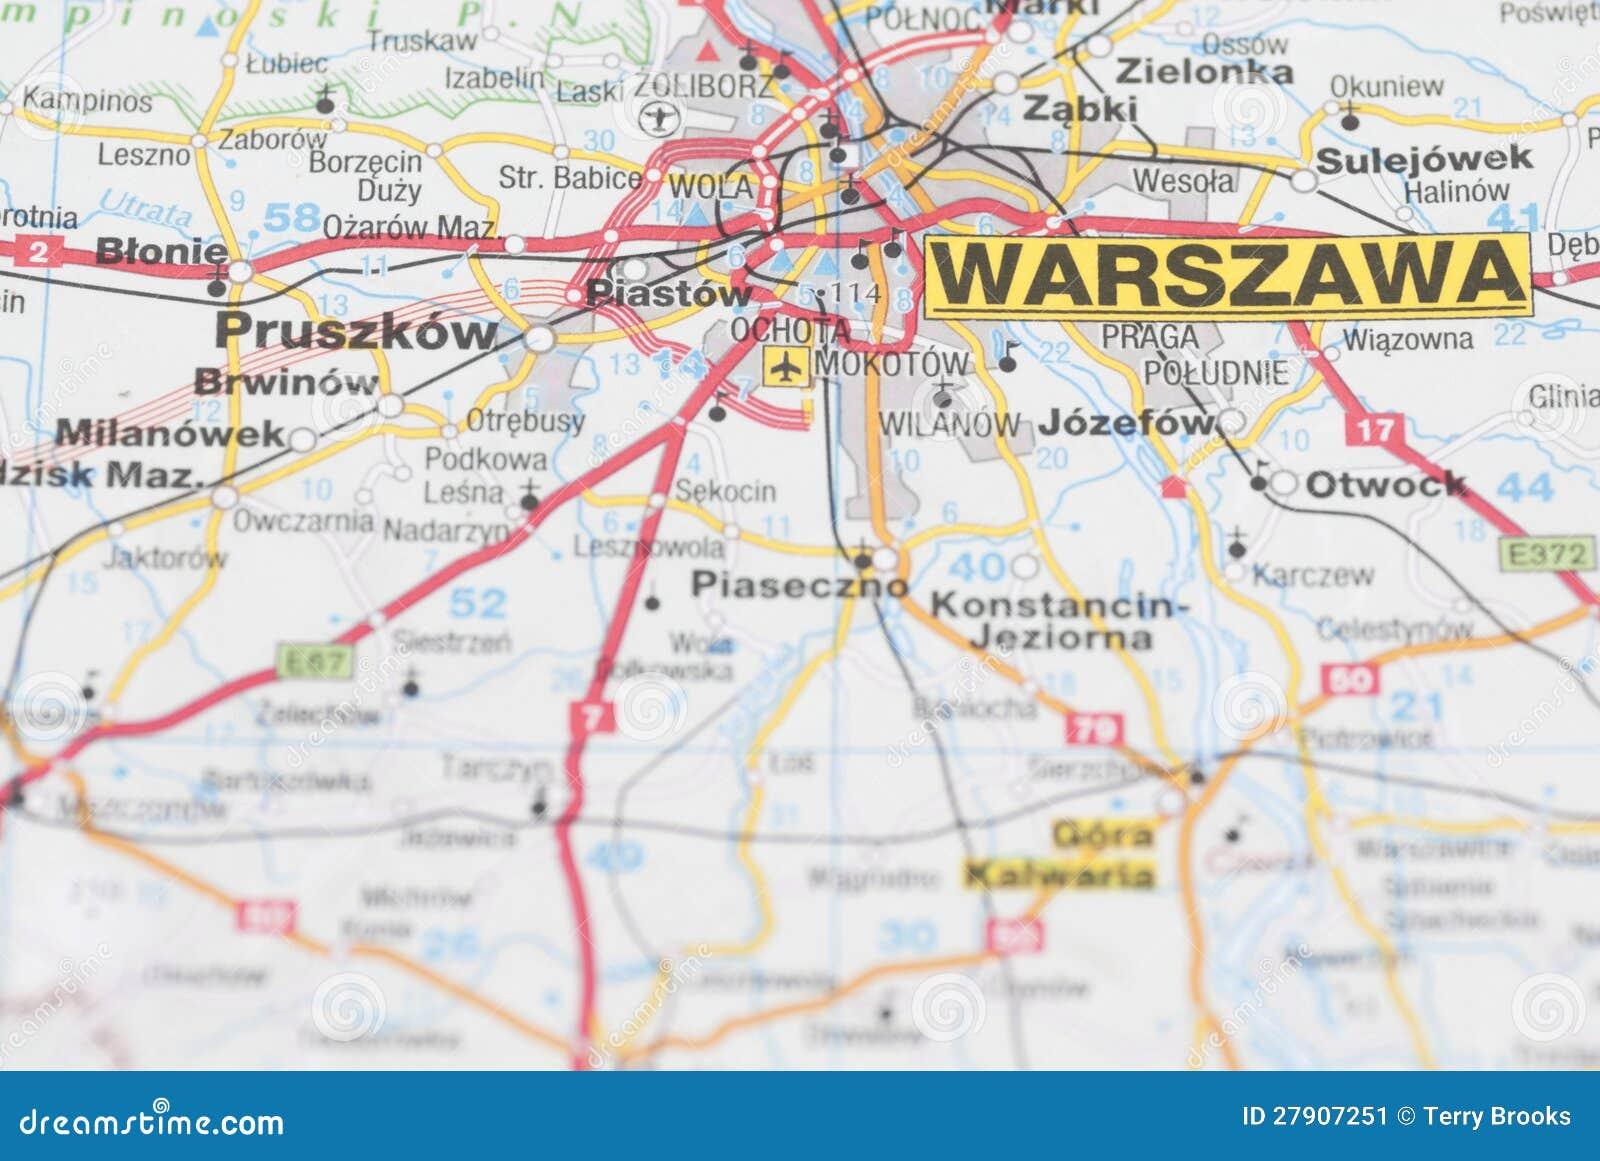 Mappa della citt di varsavia immagine stock immagine for Mappa della costruzione di casa